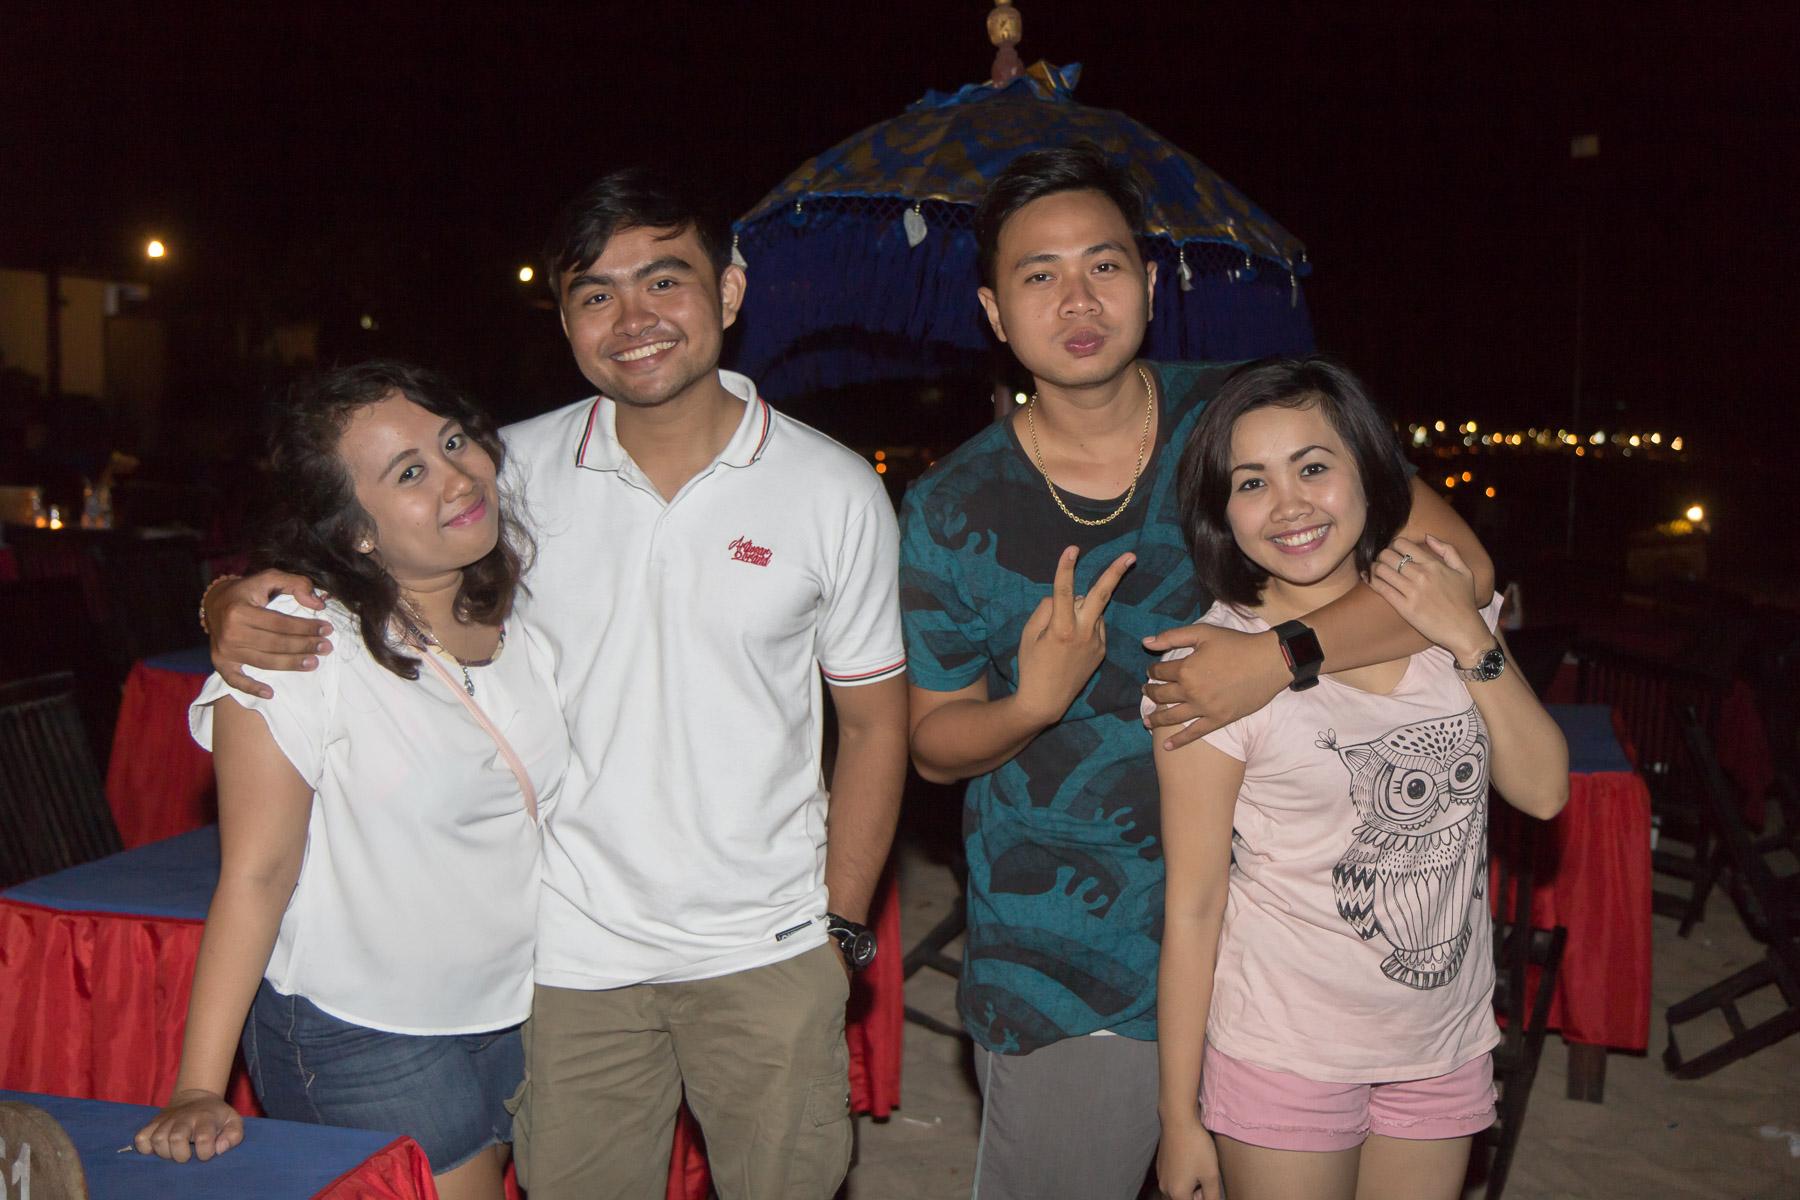 Bali2015-19-016